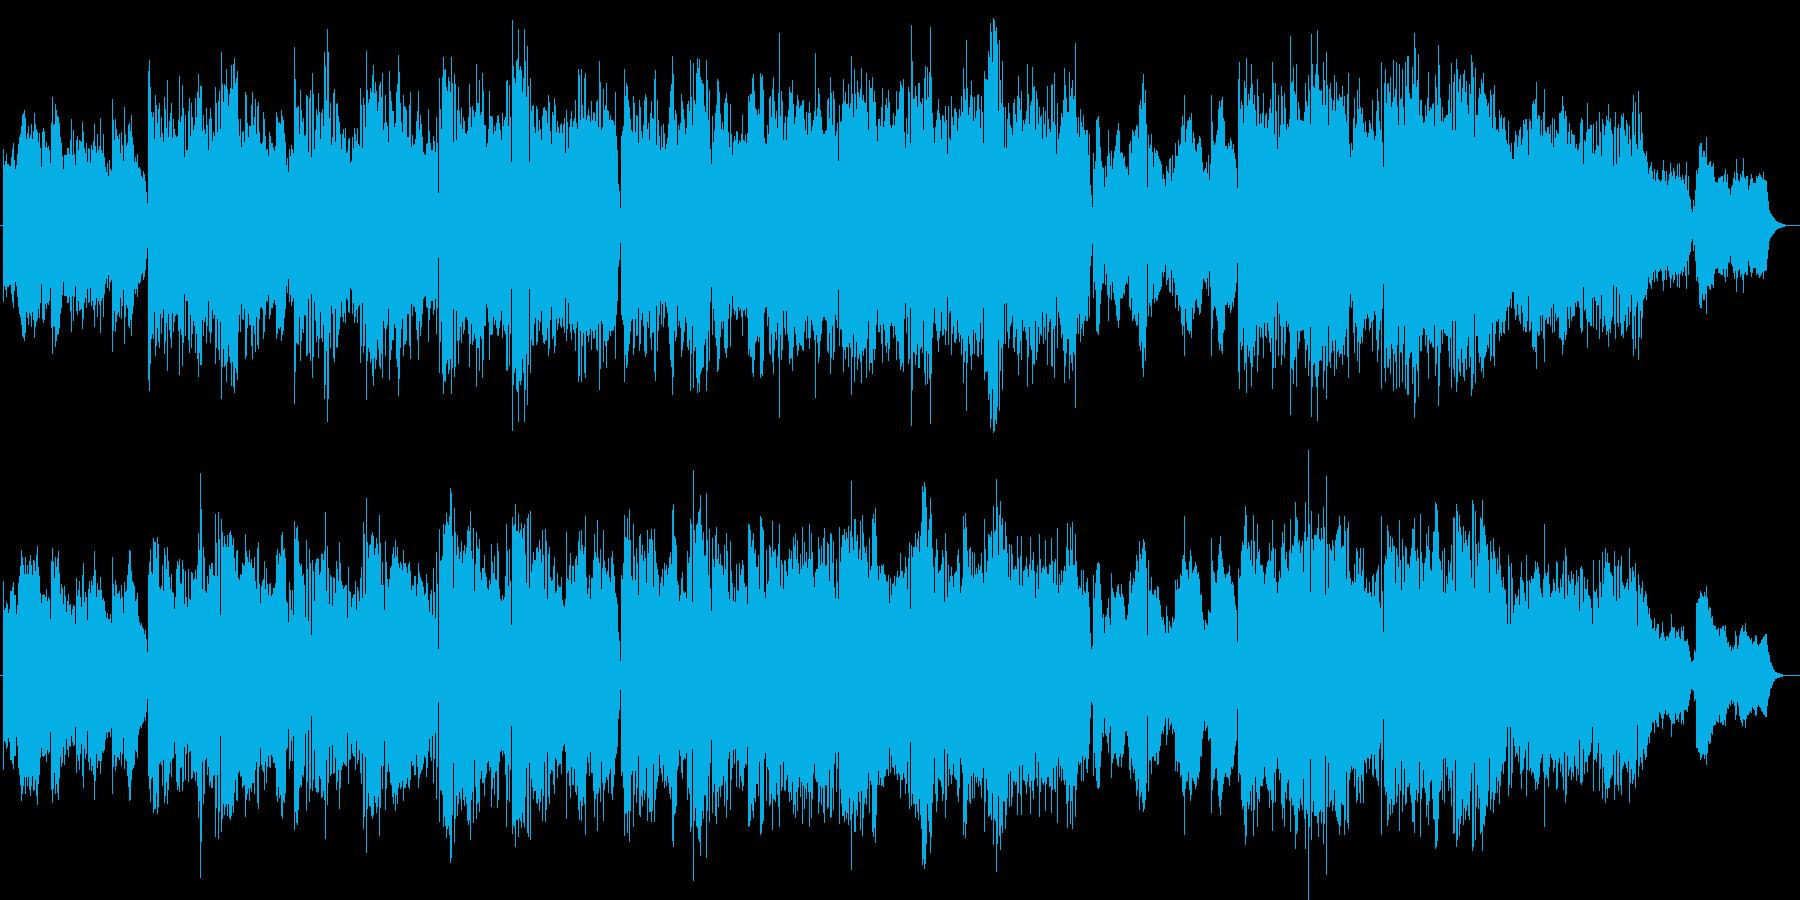 未来的なテクノポップミュージックの再生済みの波形